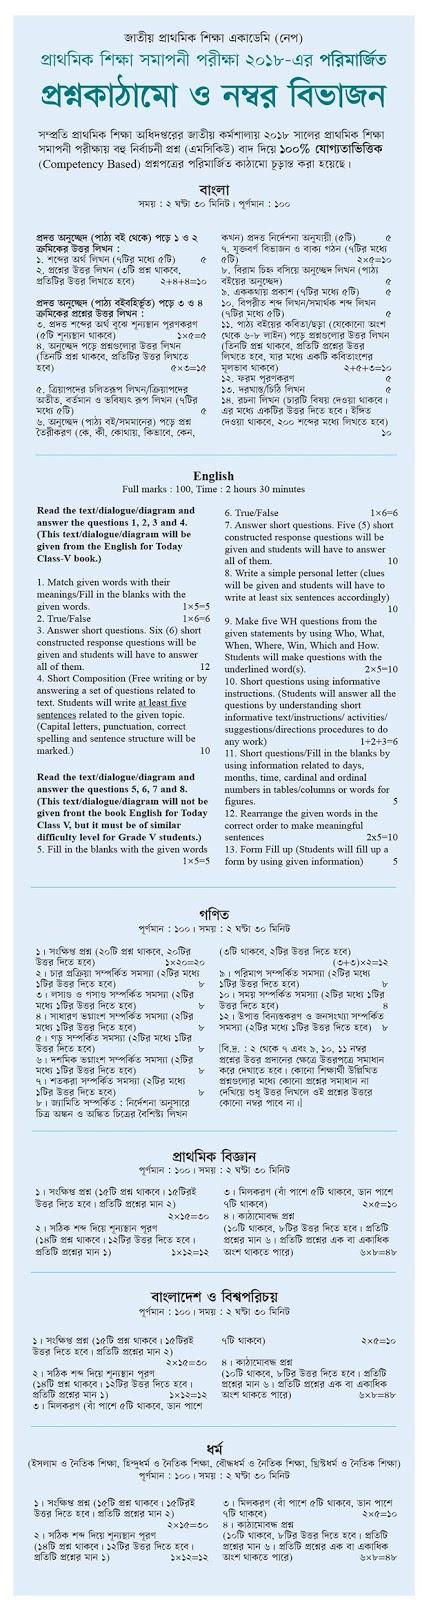 প্রাথমিক-শিক্ষা-সমাপনী-পরীক্ষা-২০১৮-এর-প্রশ্ন-কাঠামো-নম্বর-বিভাজন